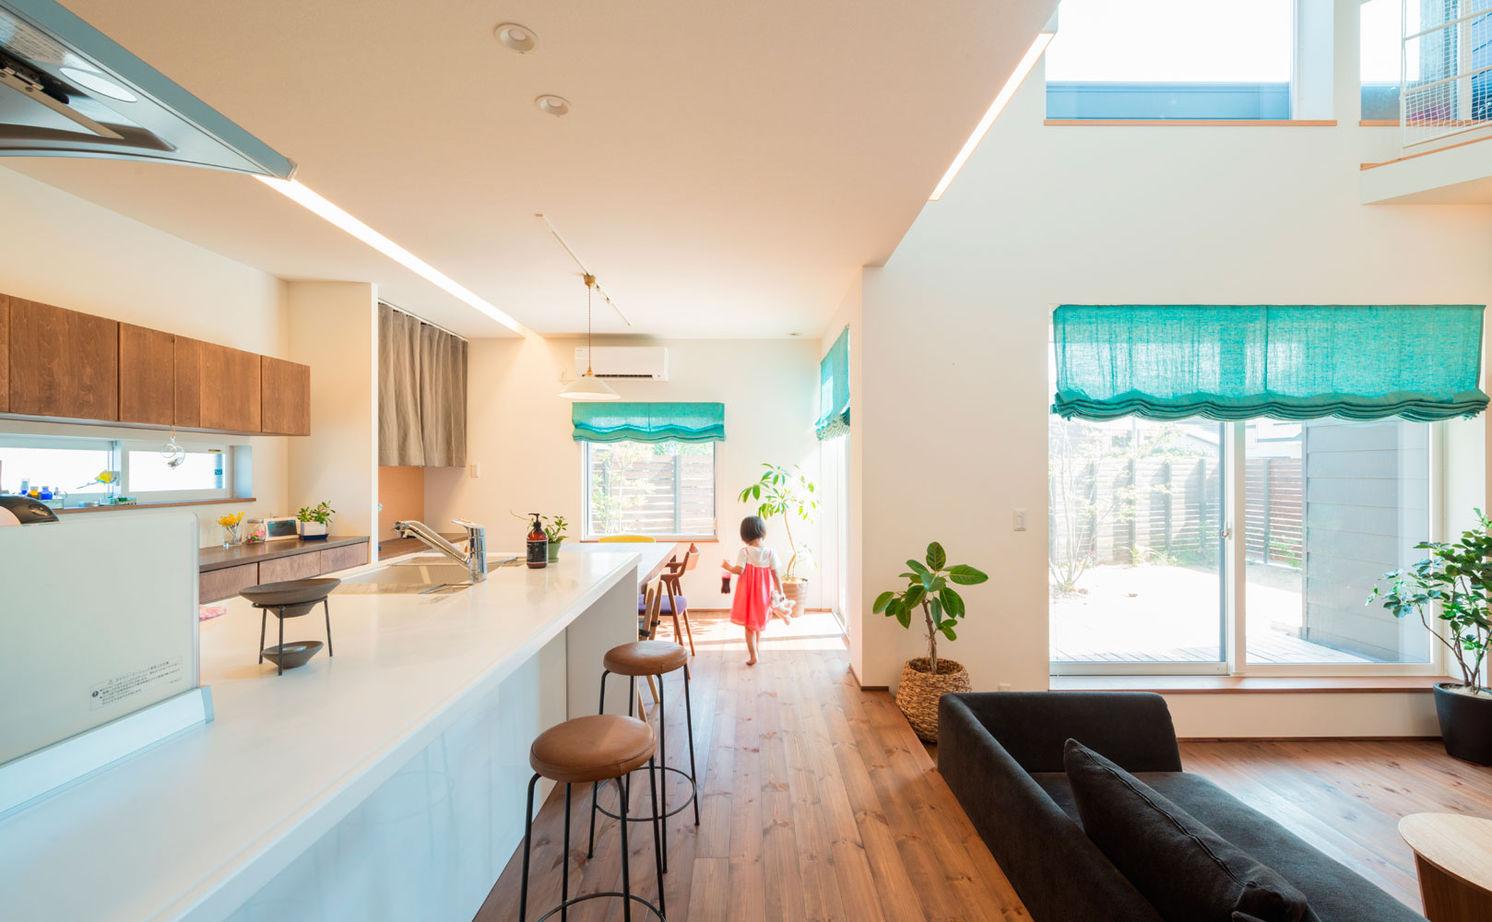 【2000~2500万円】「平屋」風スキップフロアの「ガレージハウス」。空間をタテに広げ、面積以上の開放感!画像2